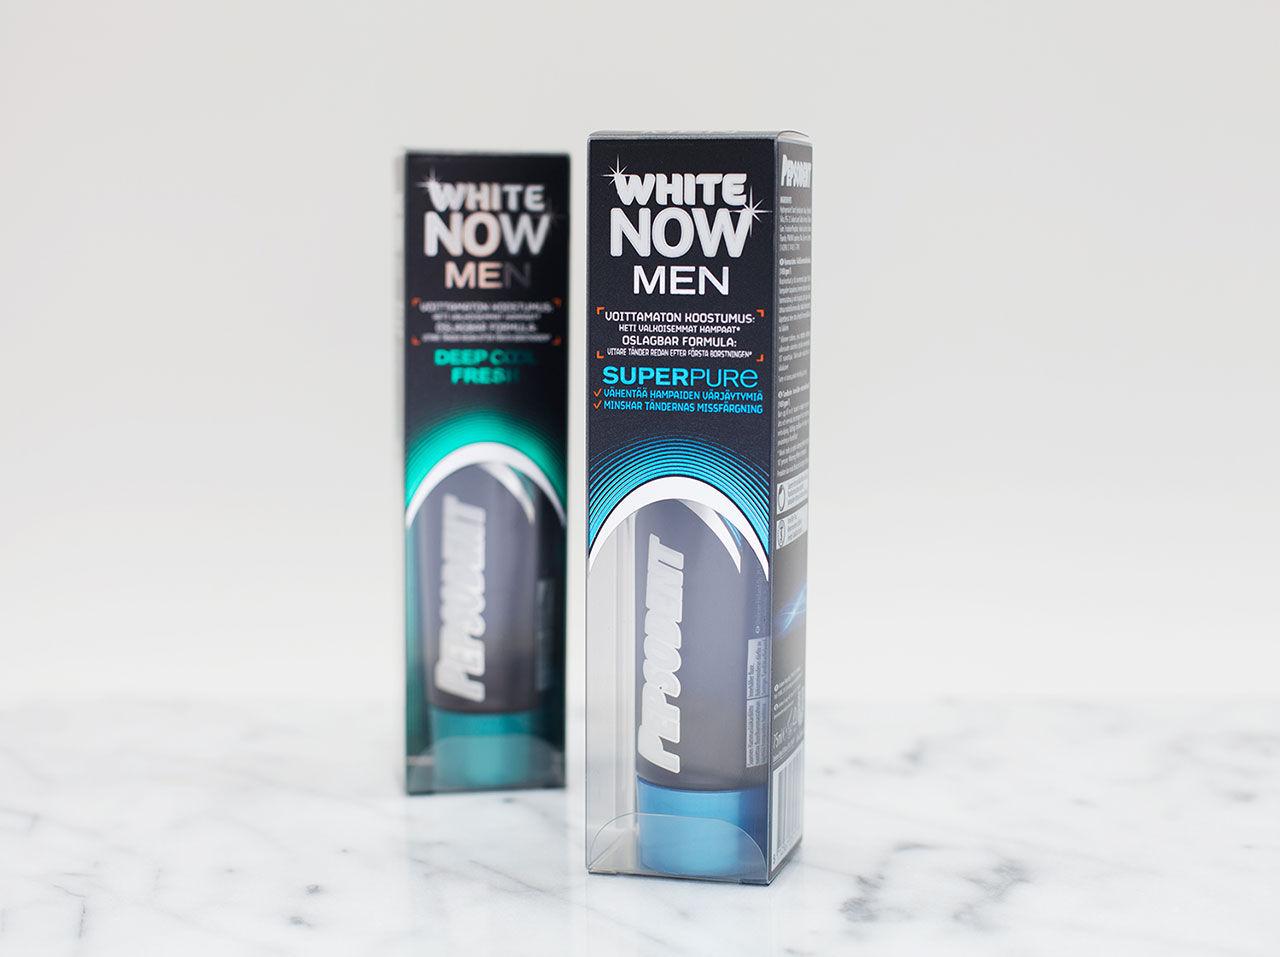 Nu lanseras tandkrämen för män